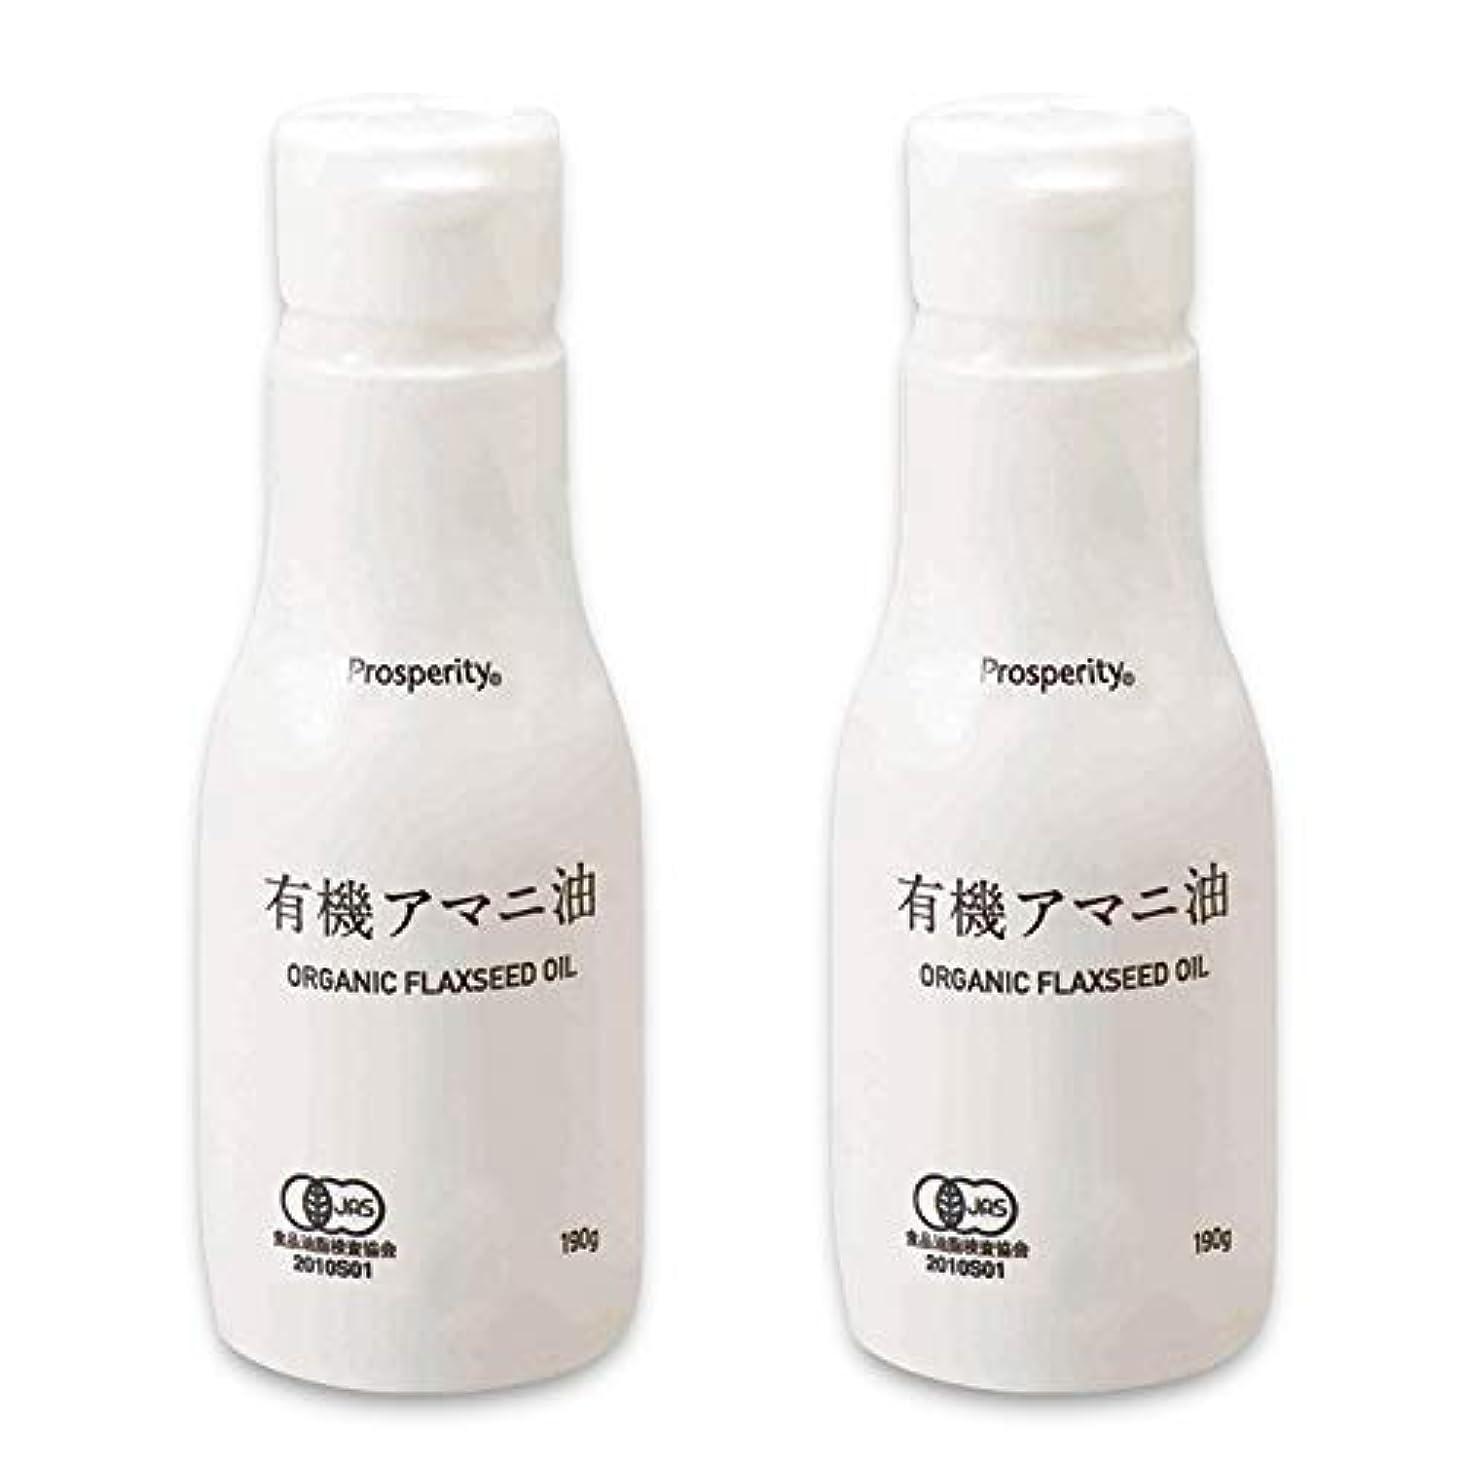 再編成する可愛い分離するプロスペリティ 有機アマニ油(二重構造ボトル) 190g 2個セット